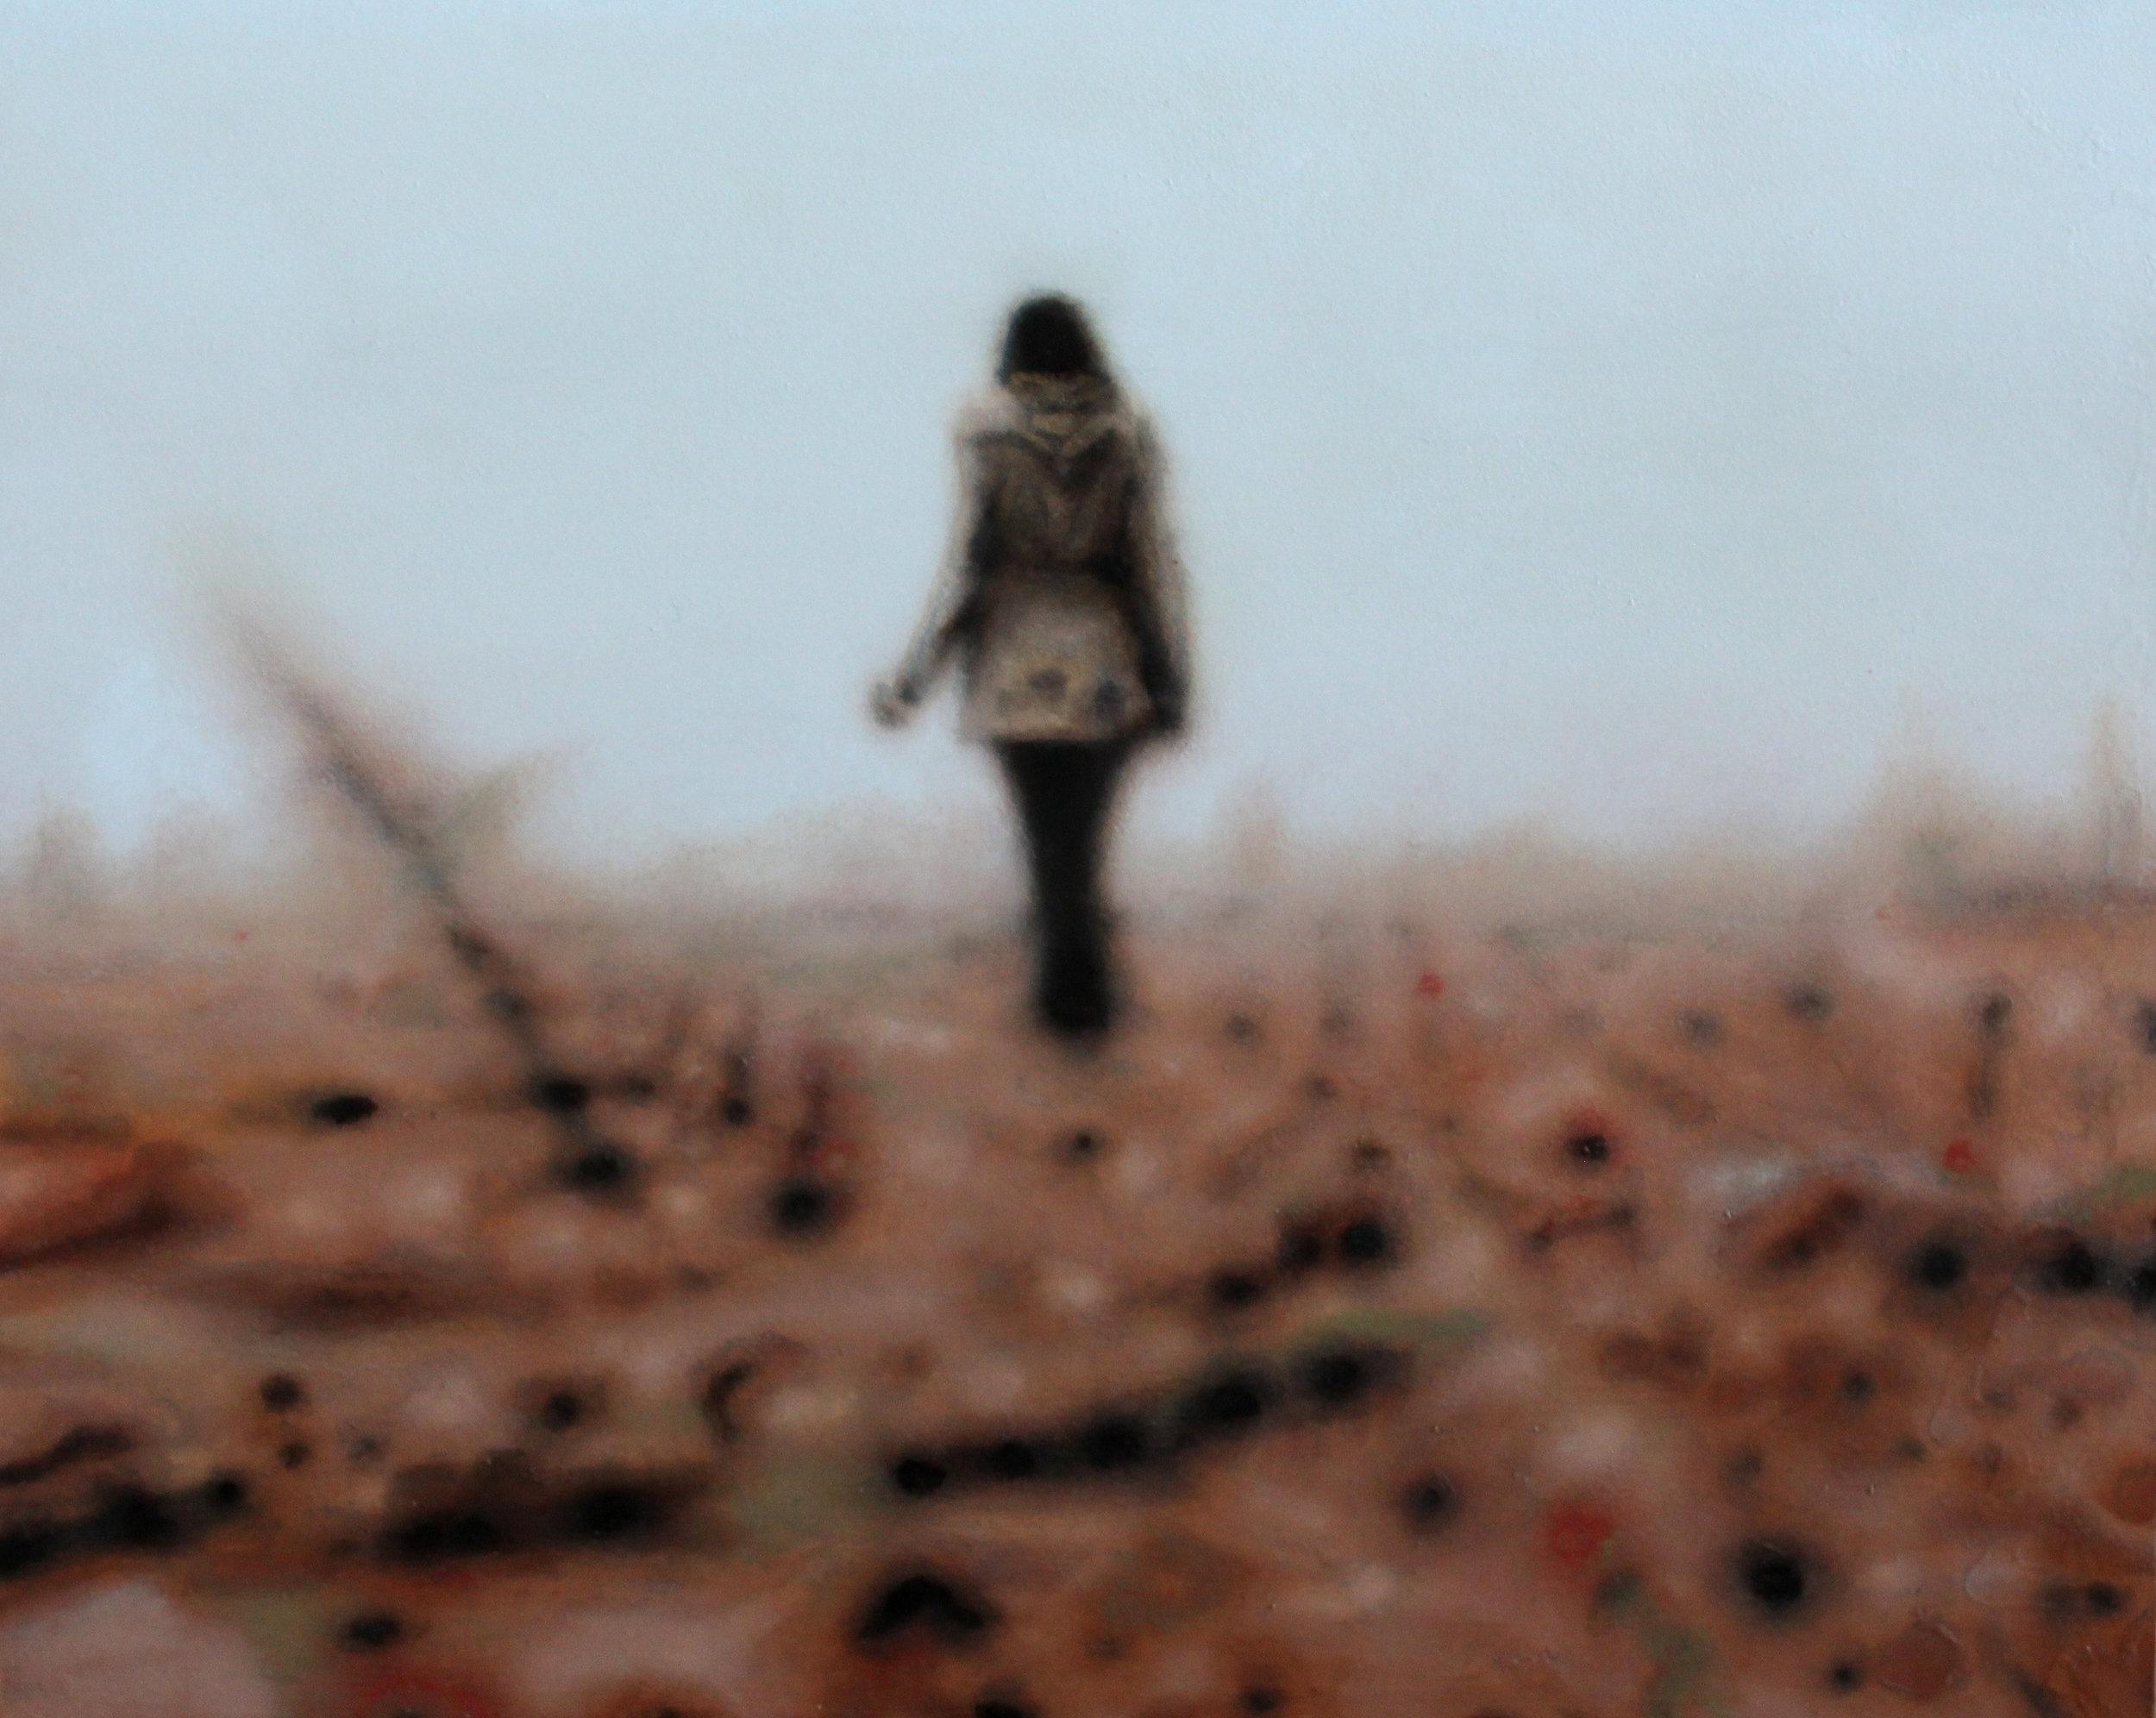 De wegdromer. Tweedimensionaal, Schilderkunst, 30x24, olieverf op paneel. © 2019 Het gedicht en schilderij 'De wegdromer' zijn uit de serie 'Auditoria'. Schilderkunst gecombineerd met geluid.